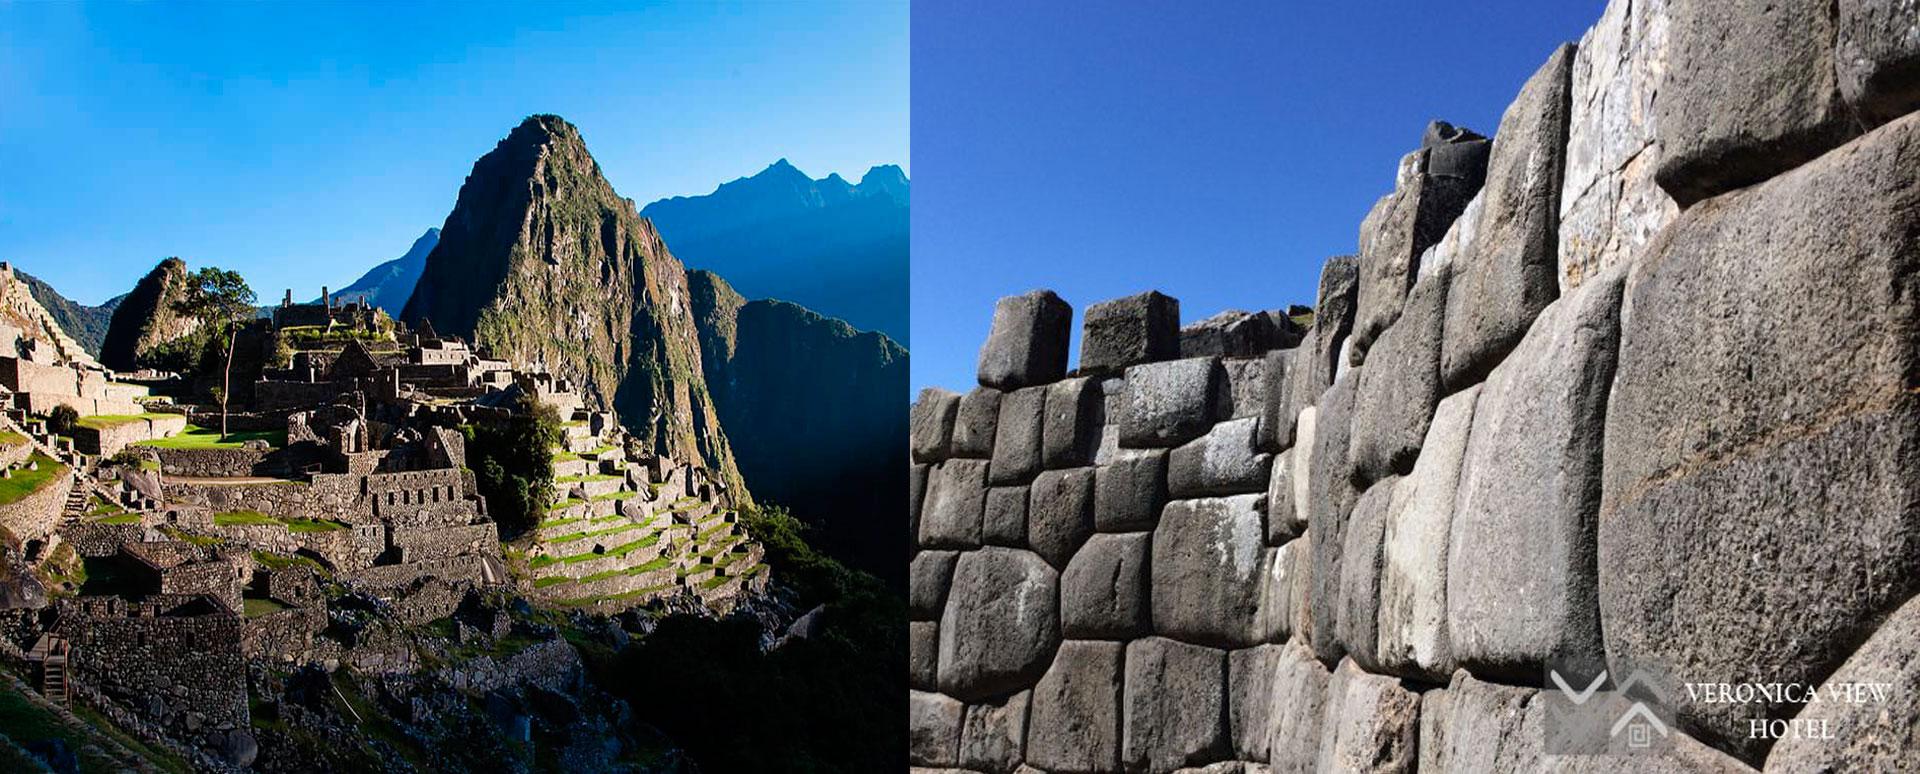 hotel veronica view Machu Picchu